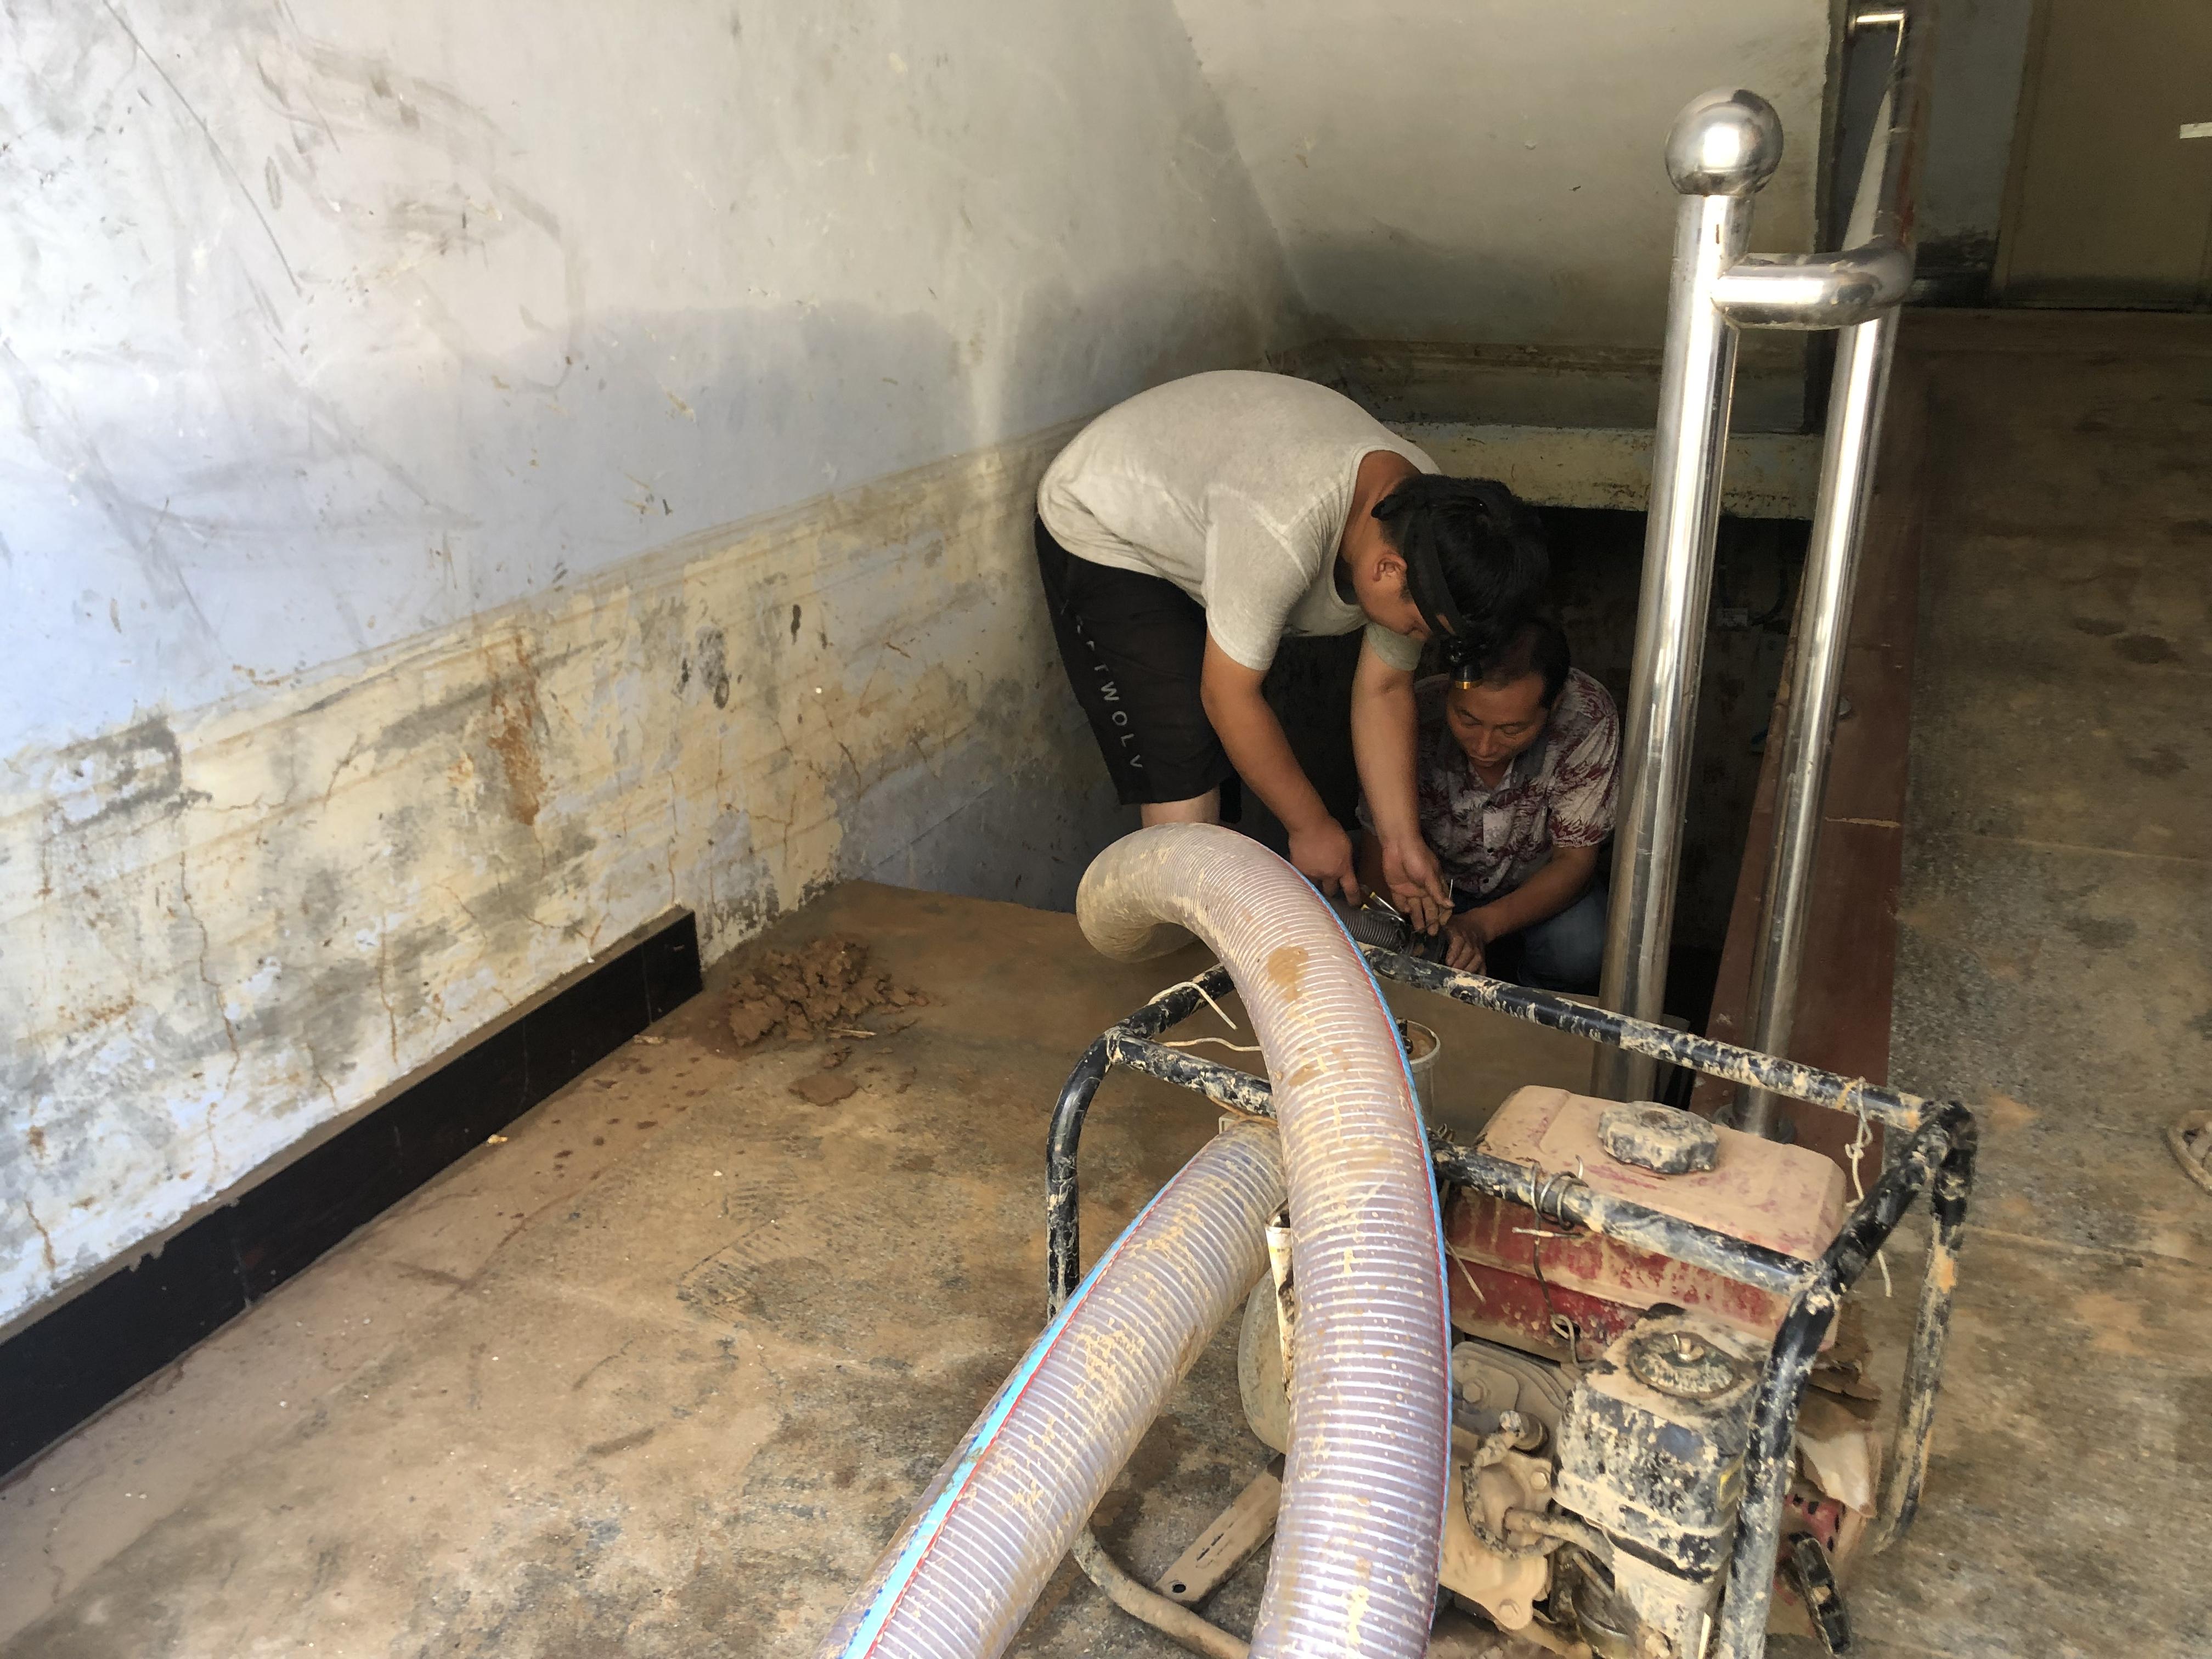 河南明月新村:调试抽水泵 清理地下室积水